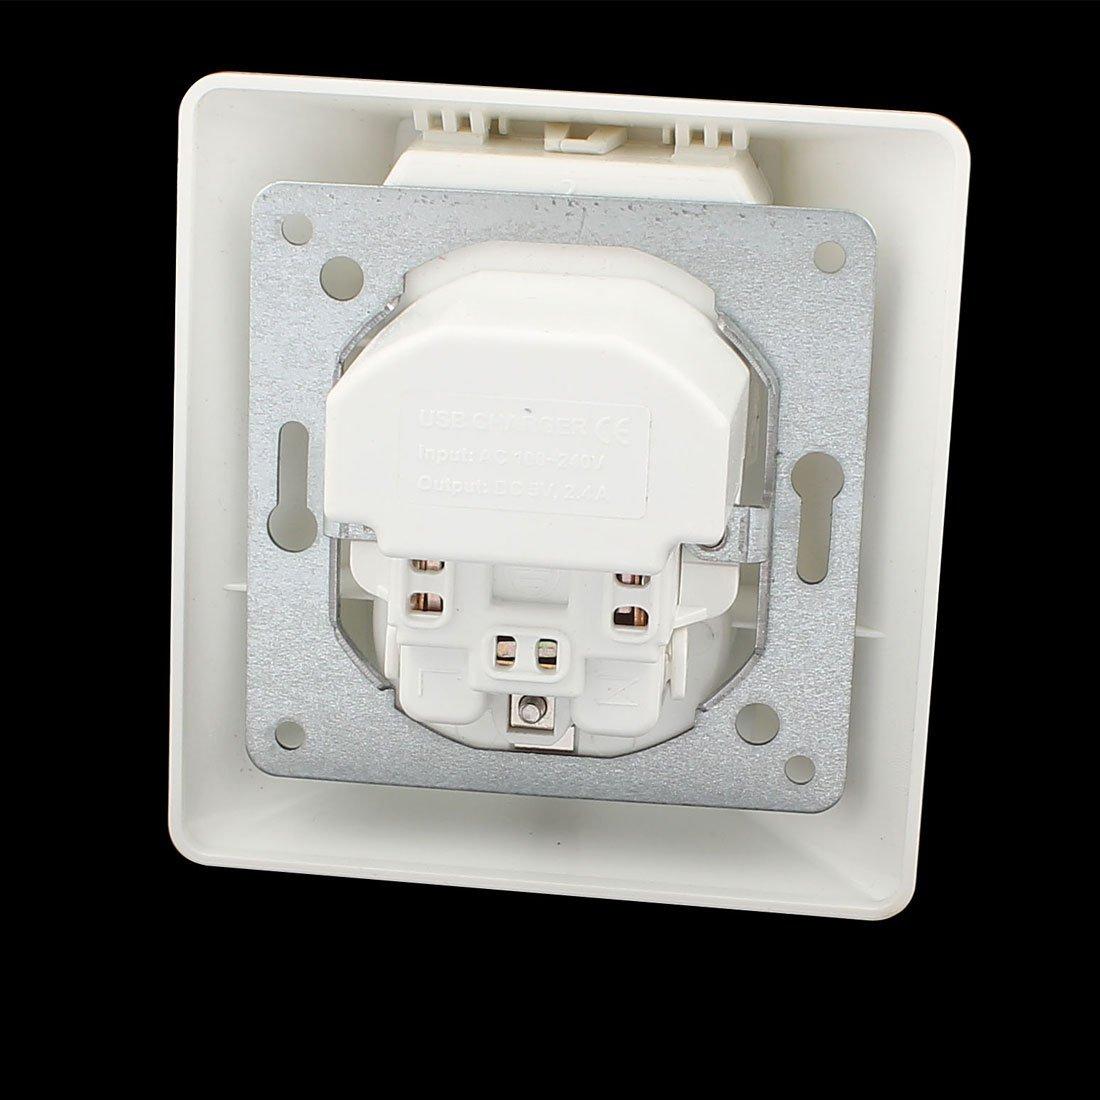 Amazon.com: eDealMax 5VDC 2.4A Cargador CA 100V-240V UE Socket 2 USB interruptor de carga de alimentación enchufe de pared: Electronics